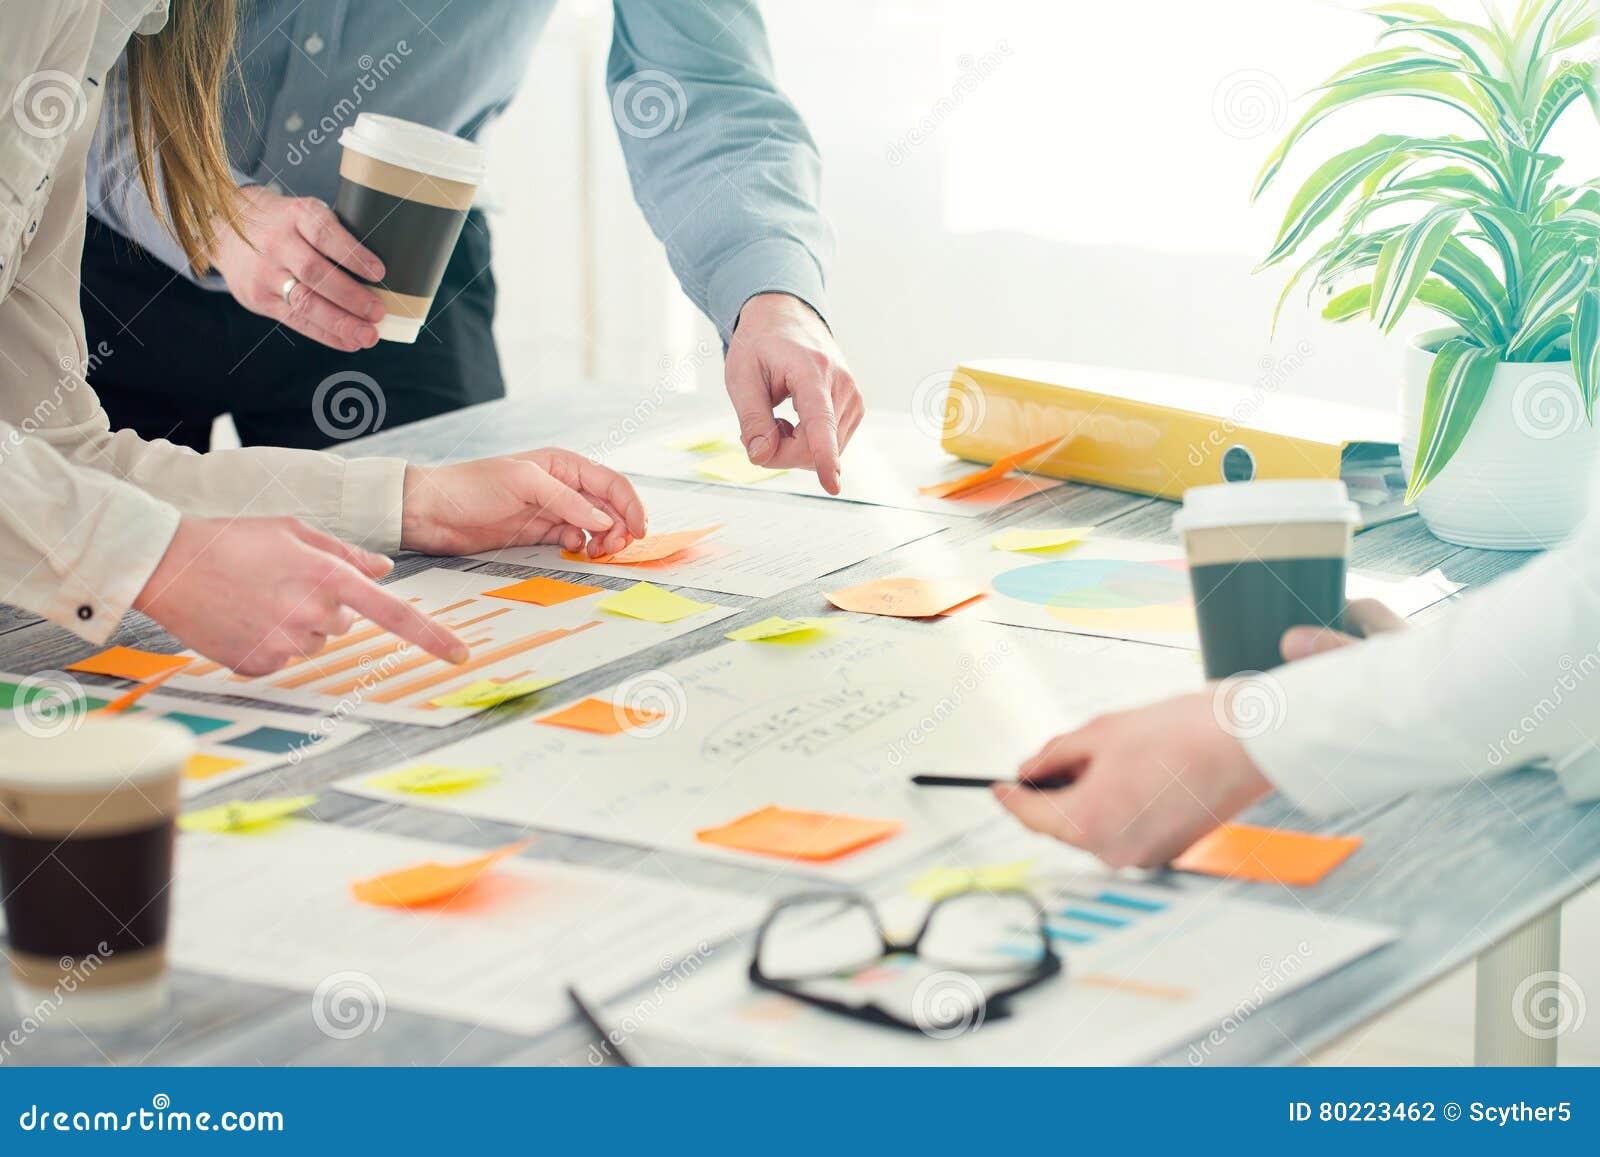 Gens d affaires de concepts de construction d échange d idées de séance de réflexion